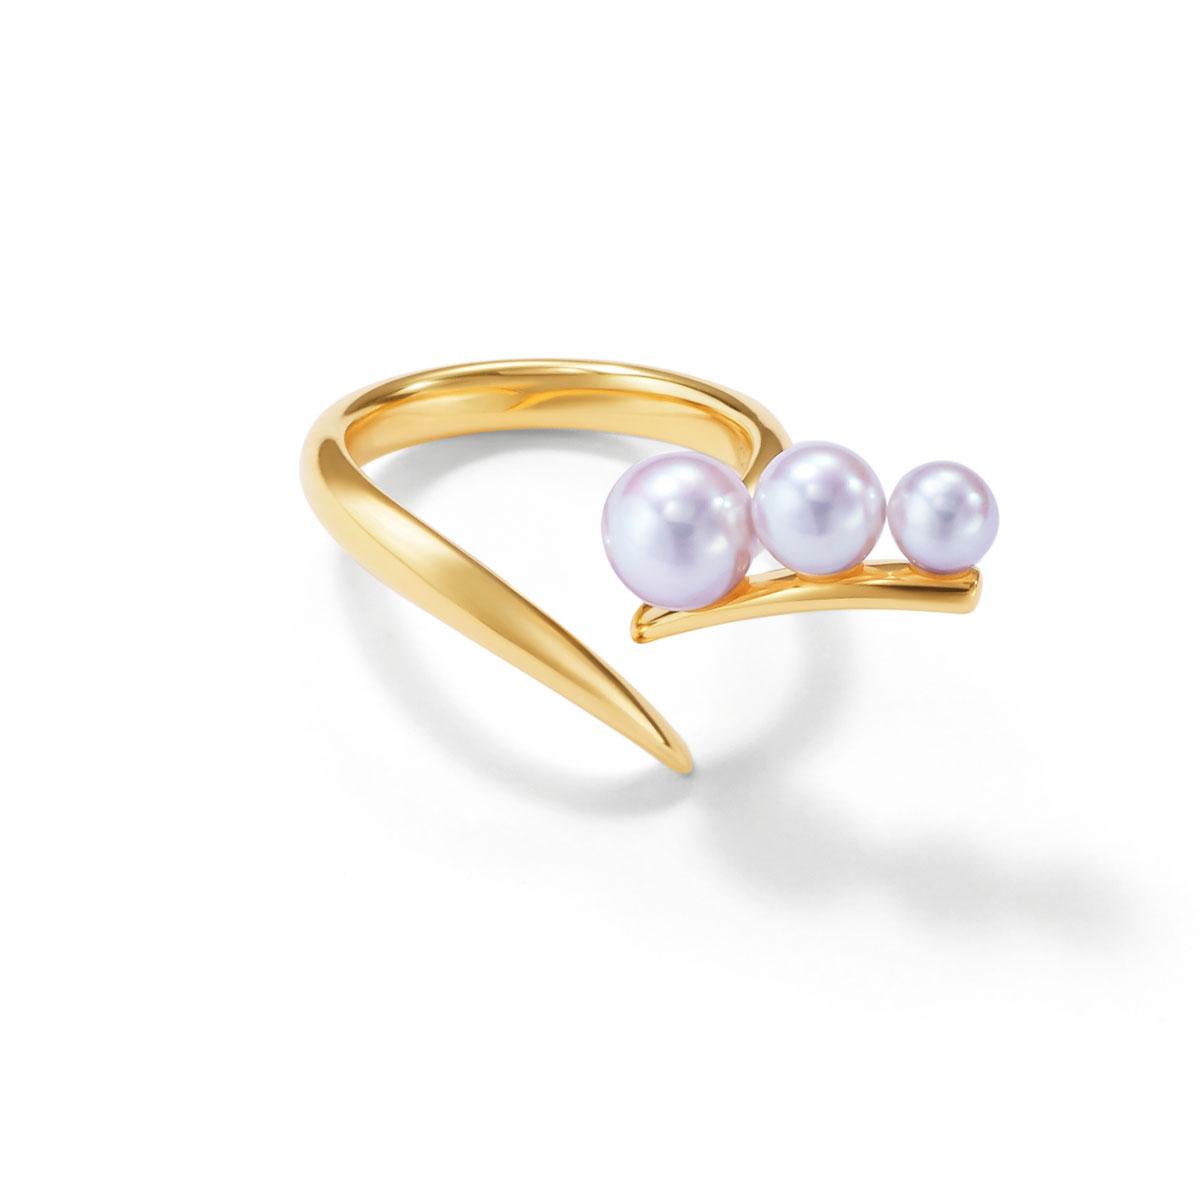 リング〈18KYG、あこや真珠〉¥218,000